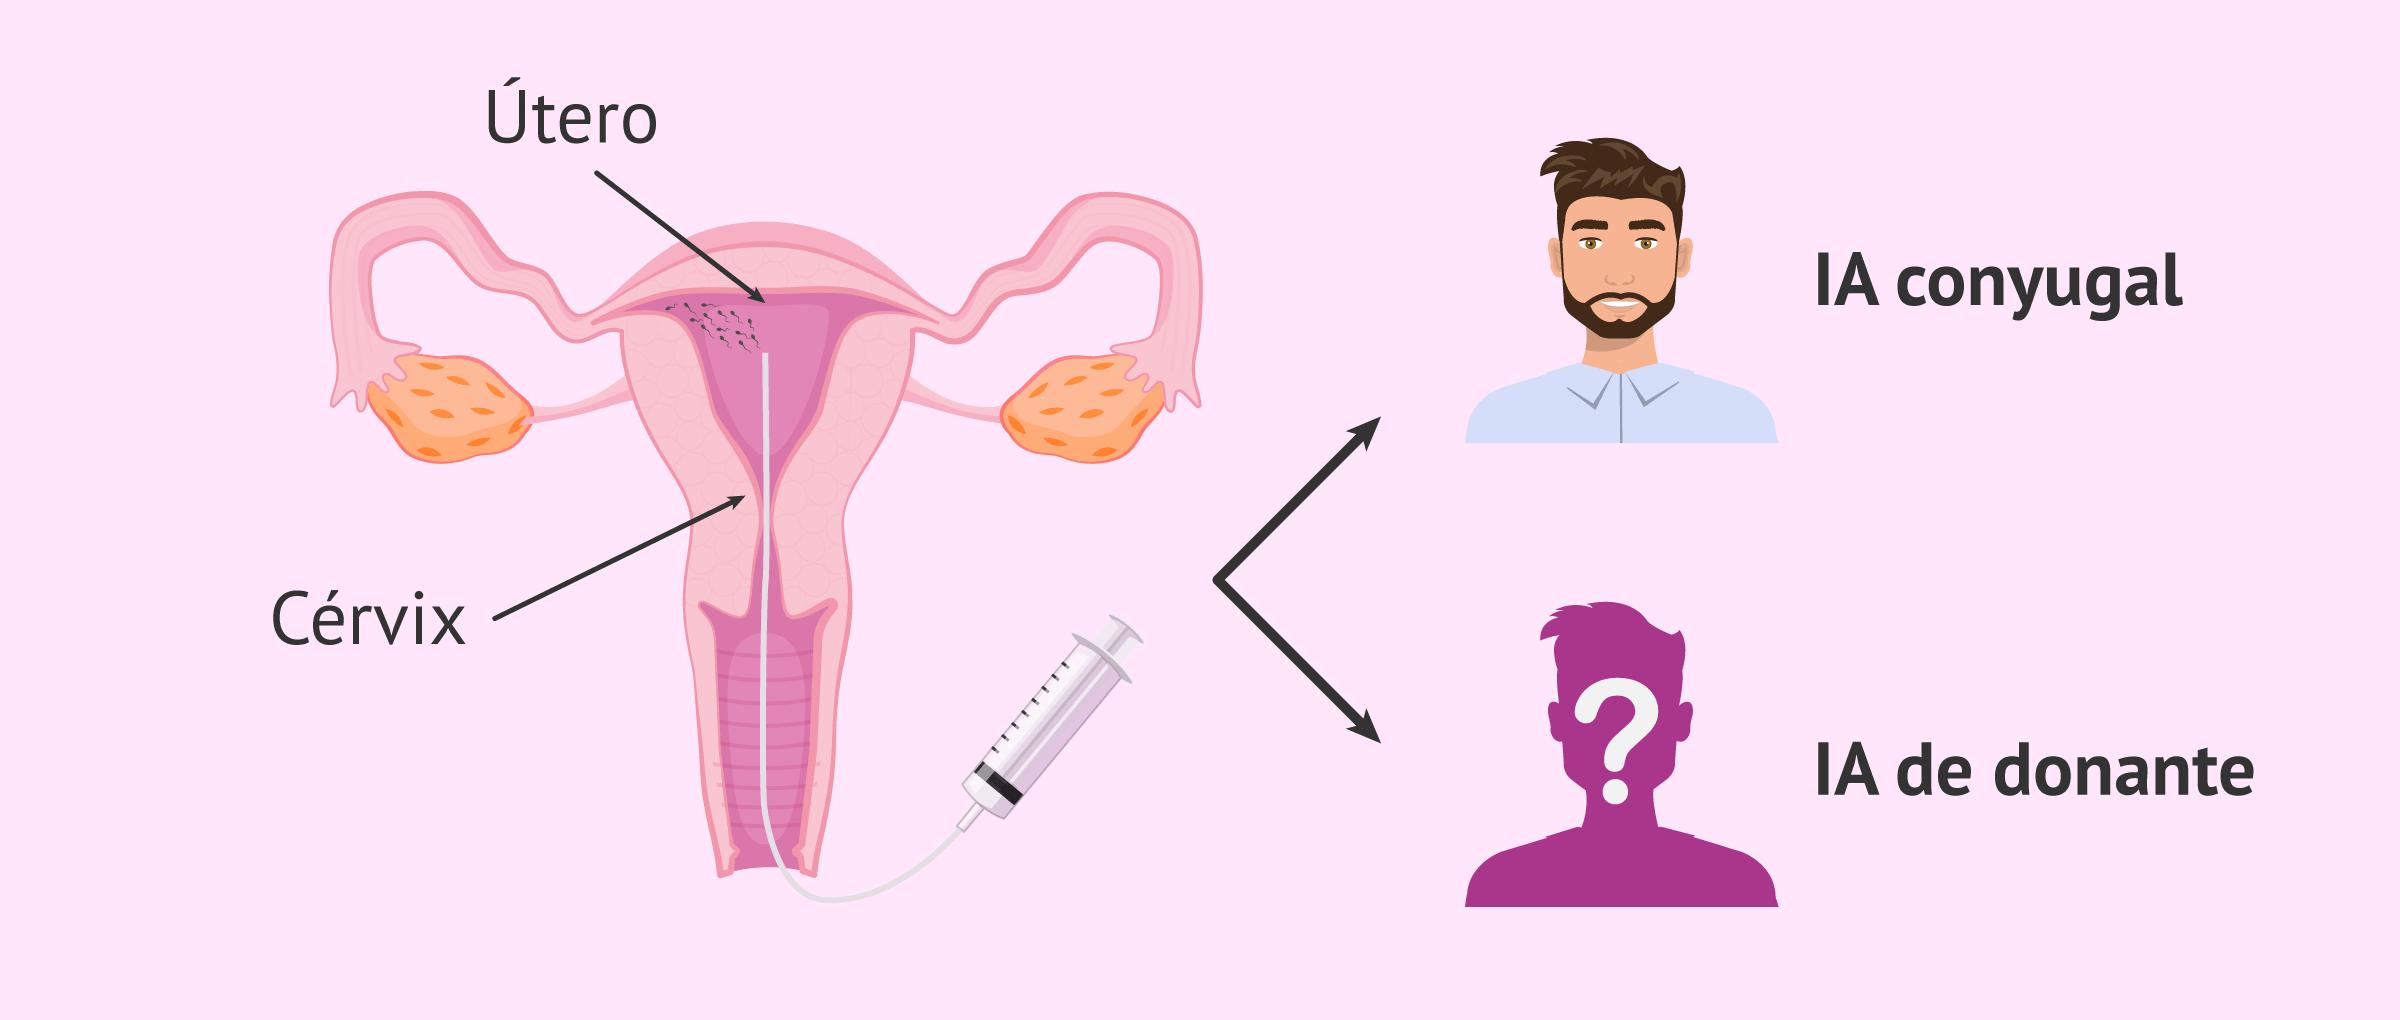 ¿Cuáles son las ventajas y desventajas de la inseminación artificial?